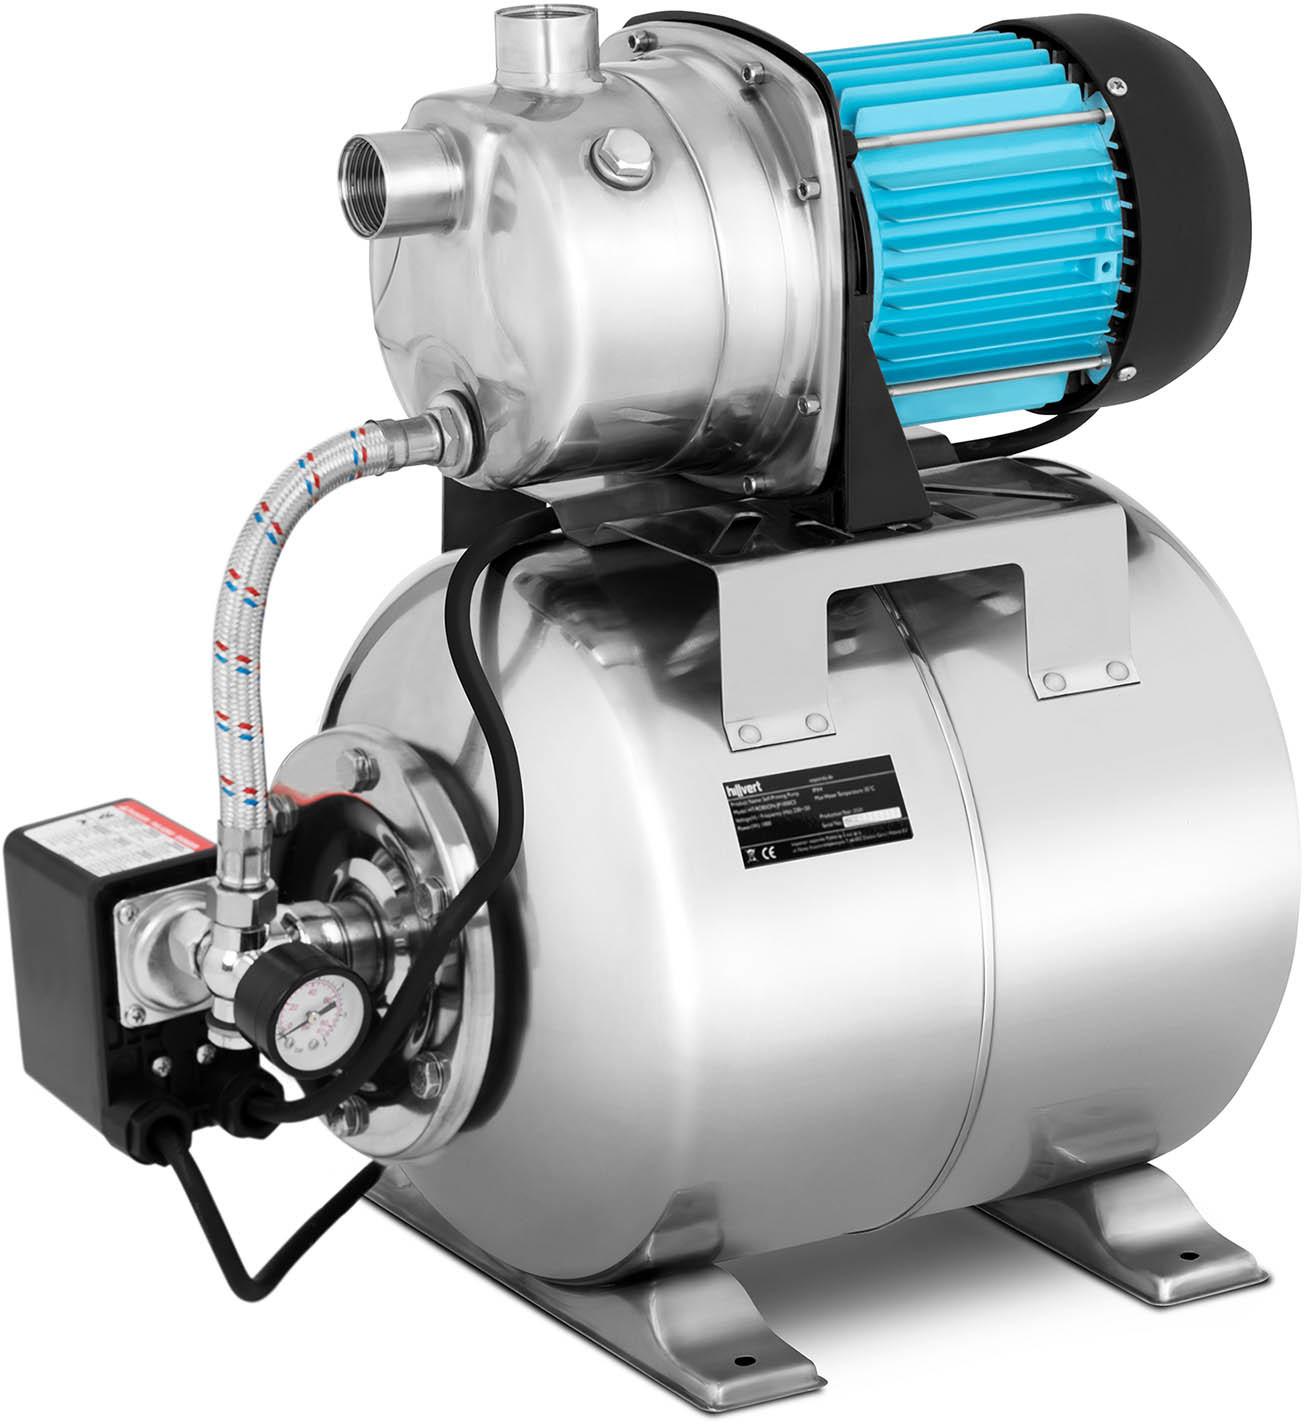 Hillvert Pompa samozasysająca - 1000 W - 19 l - HT-ROBSON-JP1000CS - 3 lata gwarancji/wysyłka w 24h HT-ROBSON-JP1000CS